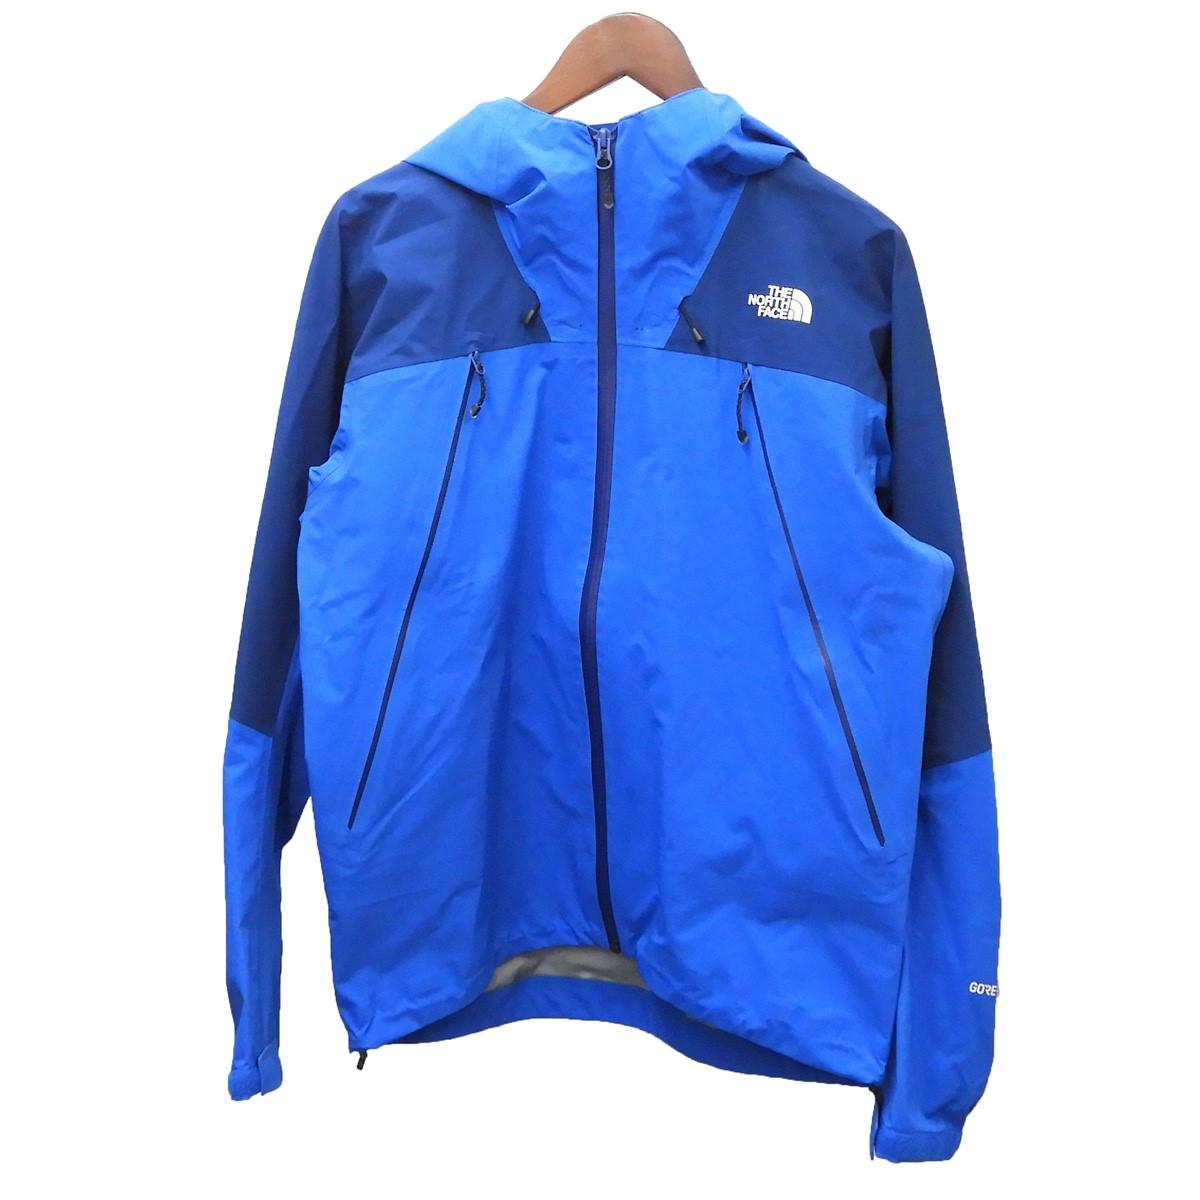 【中古】THE NORTH FACE 「Progressor Jacket」プログレッサージャケット ブルー サイズ:M 【190420】(ザノースフェイス)